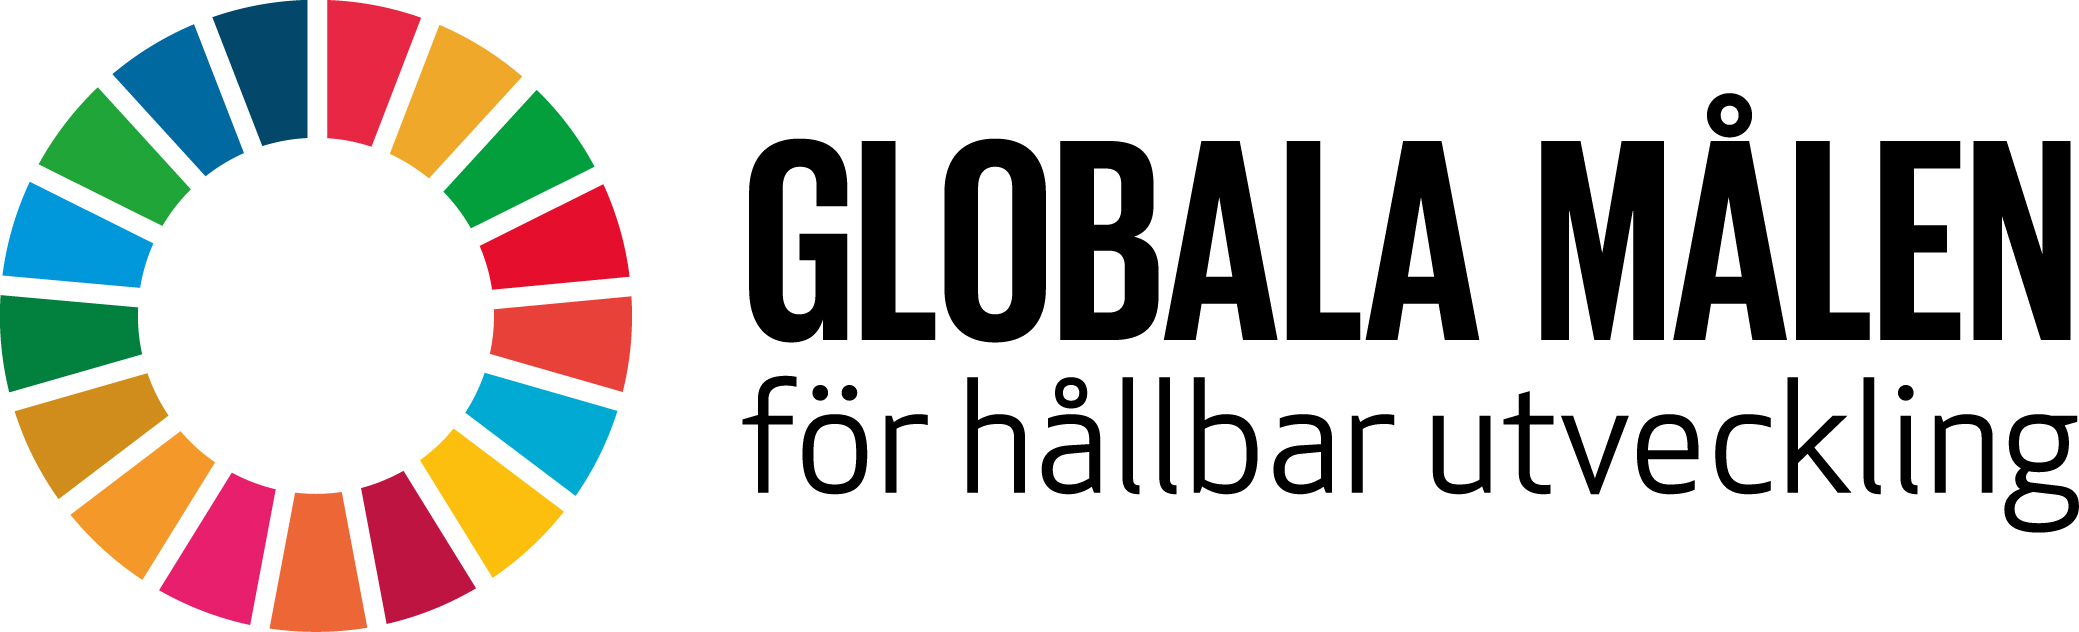 Bild på logotypen för de 17 globala målen